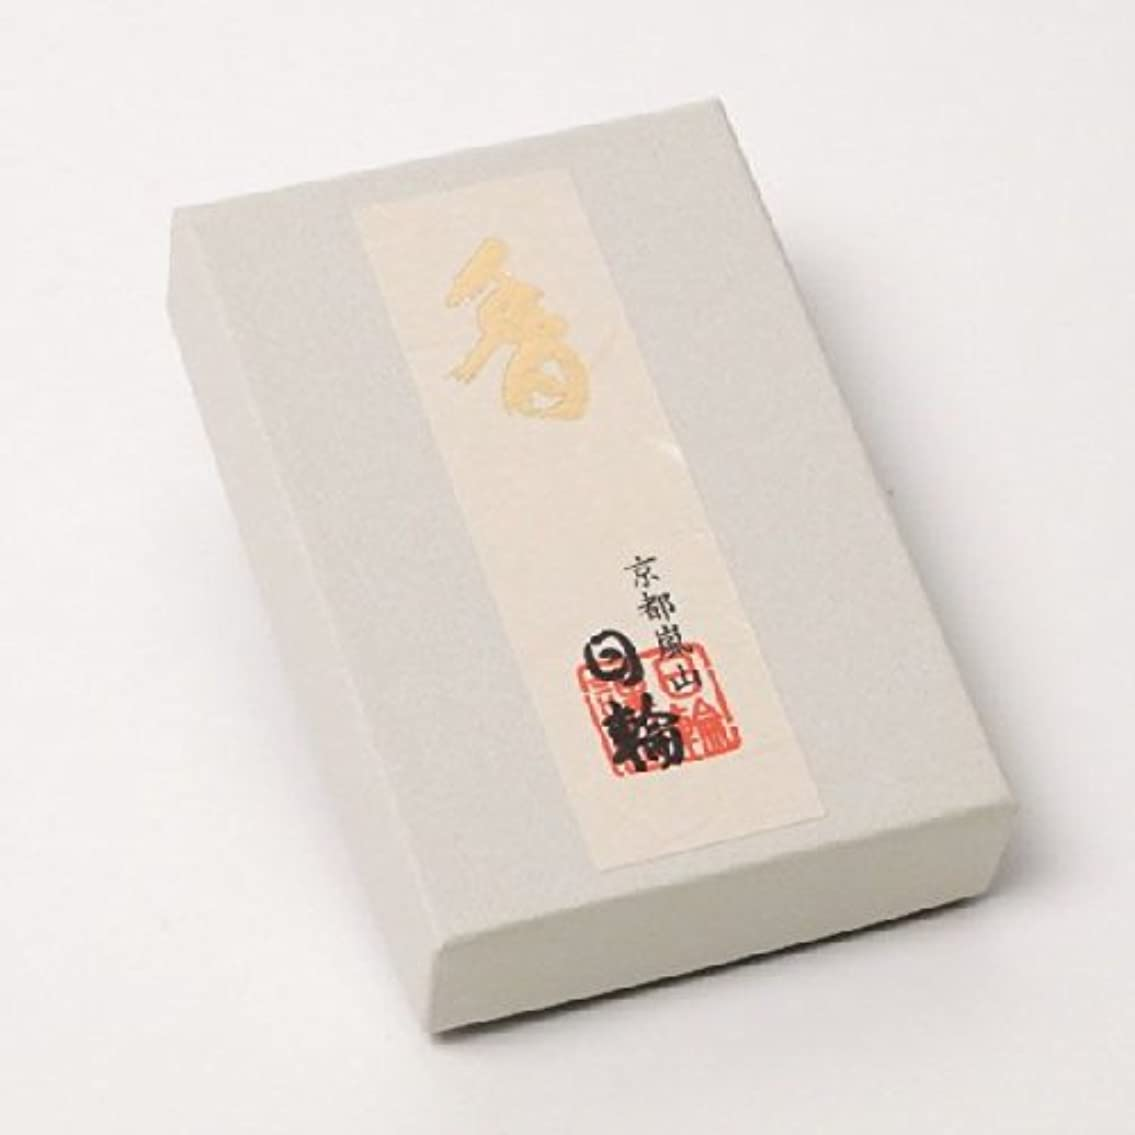 冷ややかなクックしたい天然香料100%お焼香 「香」 25グラム